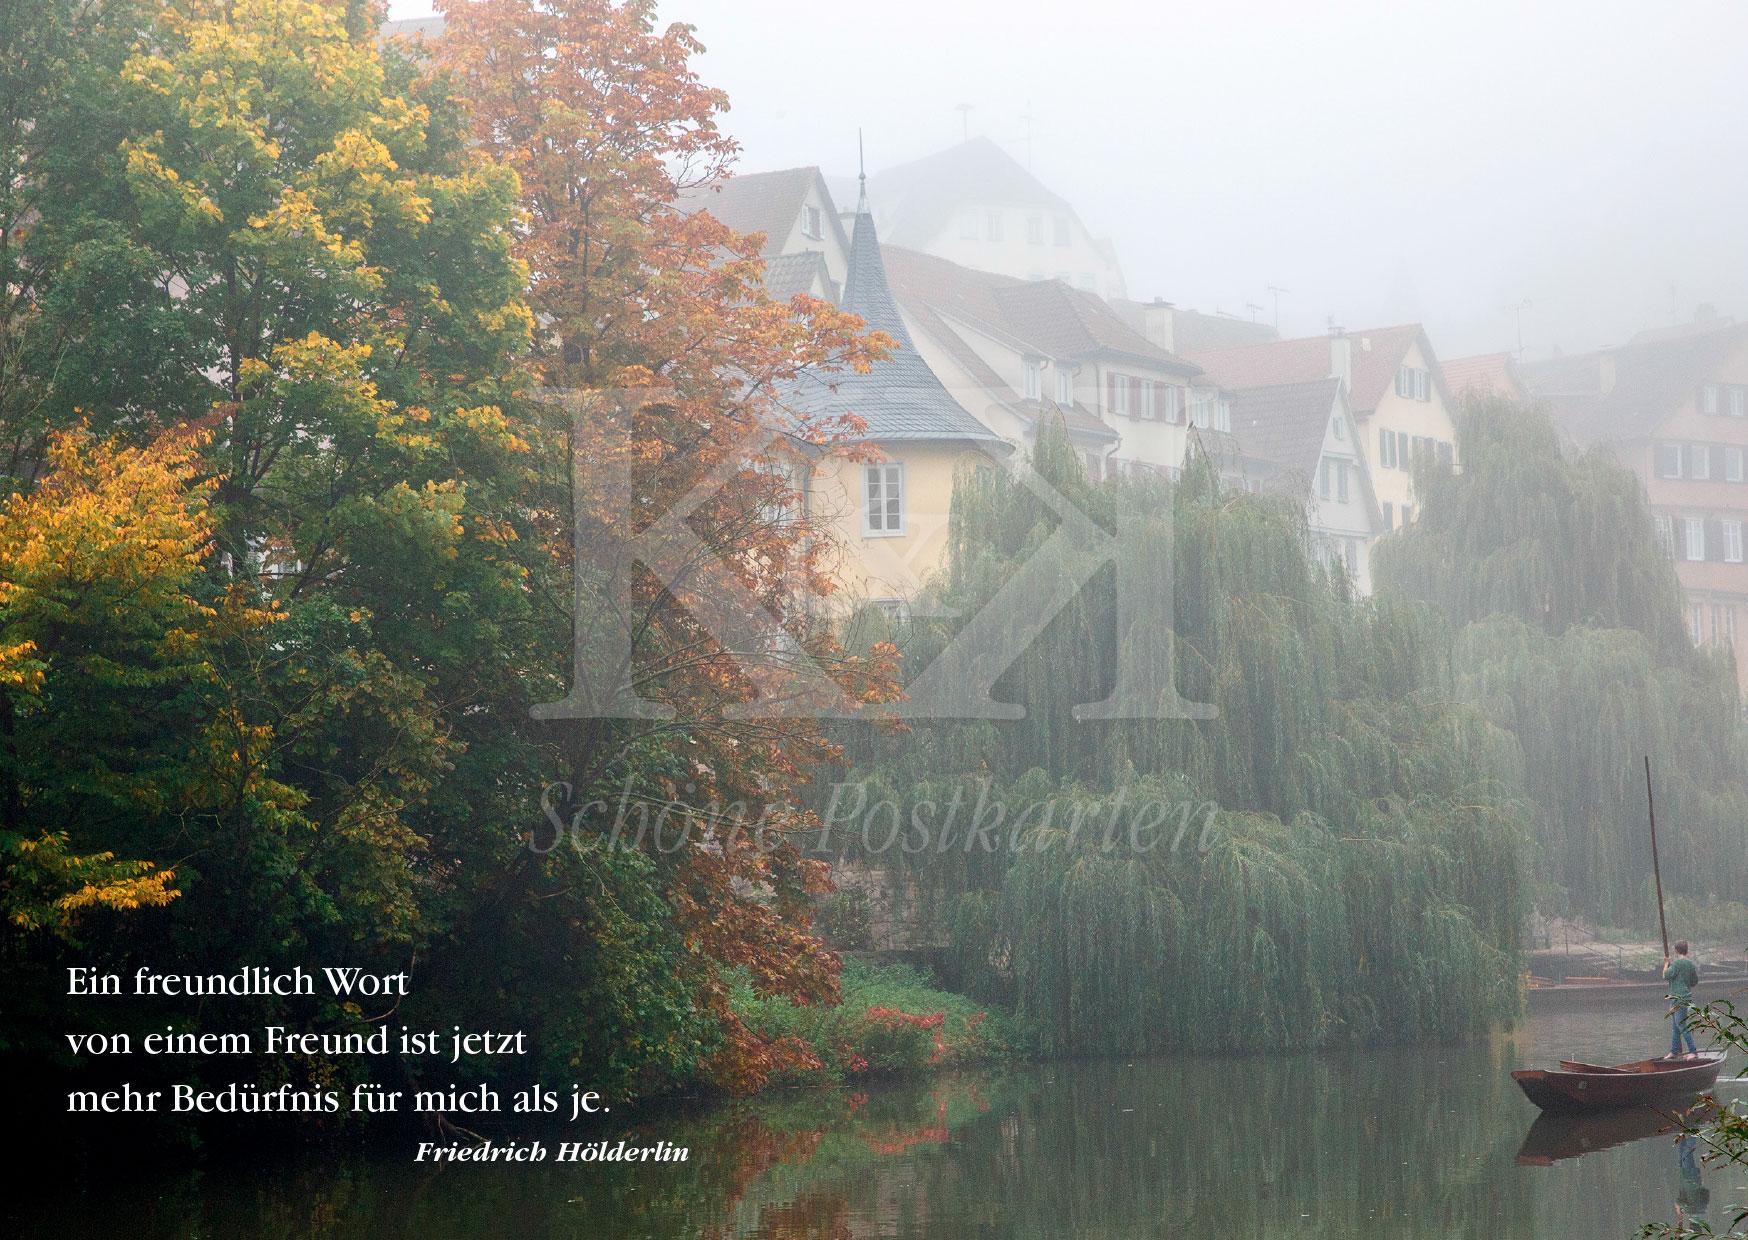 Schöne Postkarte Nr. 39 · Ein fast magischer Ort: der Hölderlinturm · © www.schoenepostkarten.de